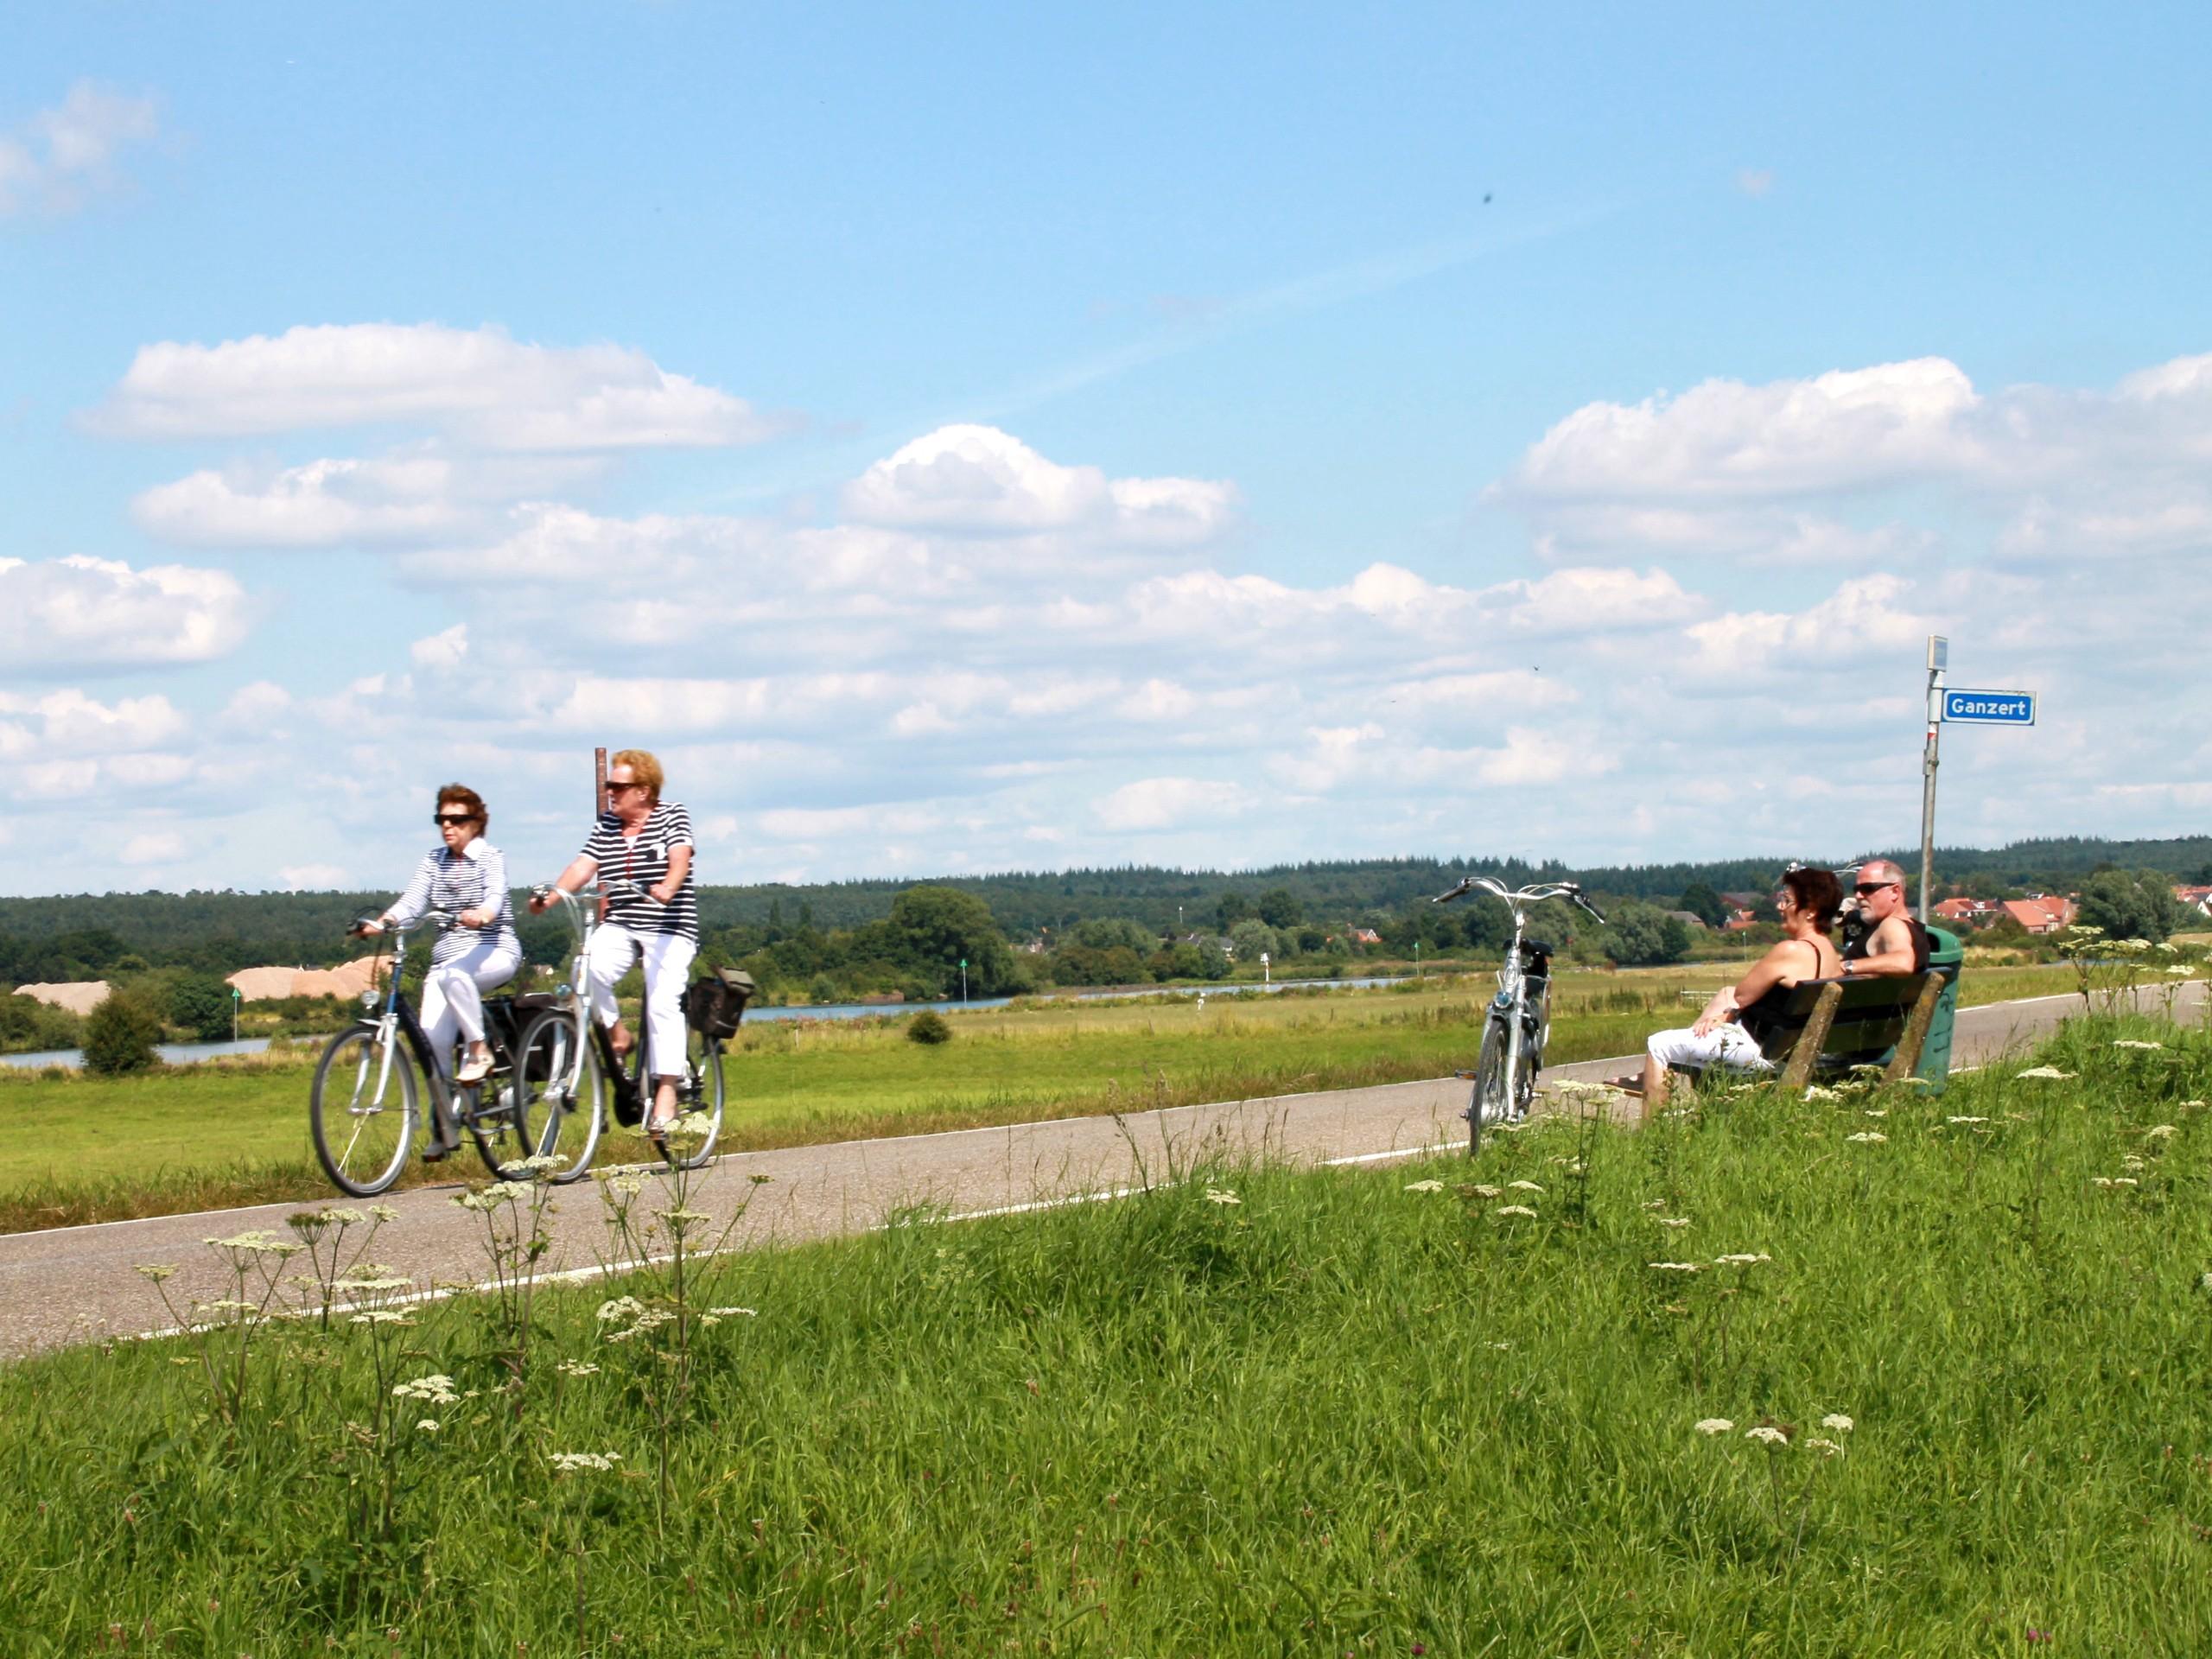 Biking path in Utrecht